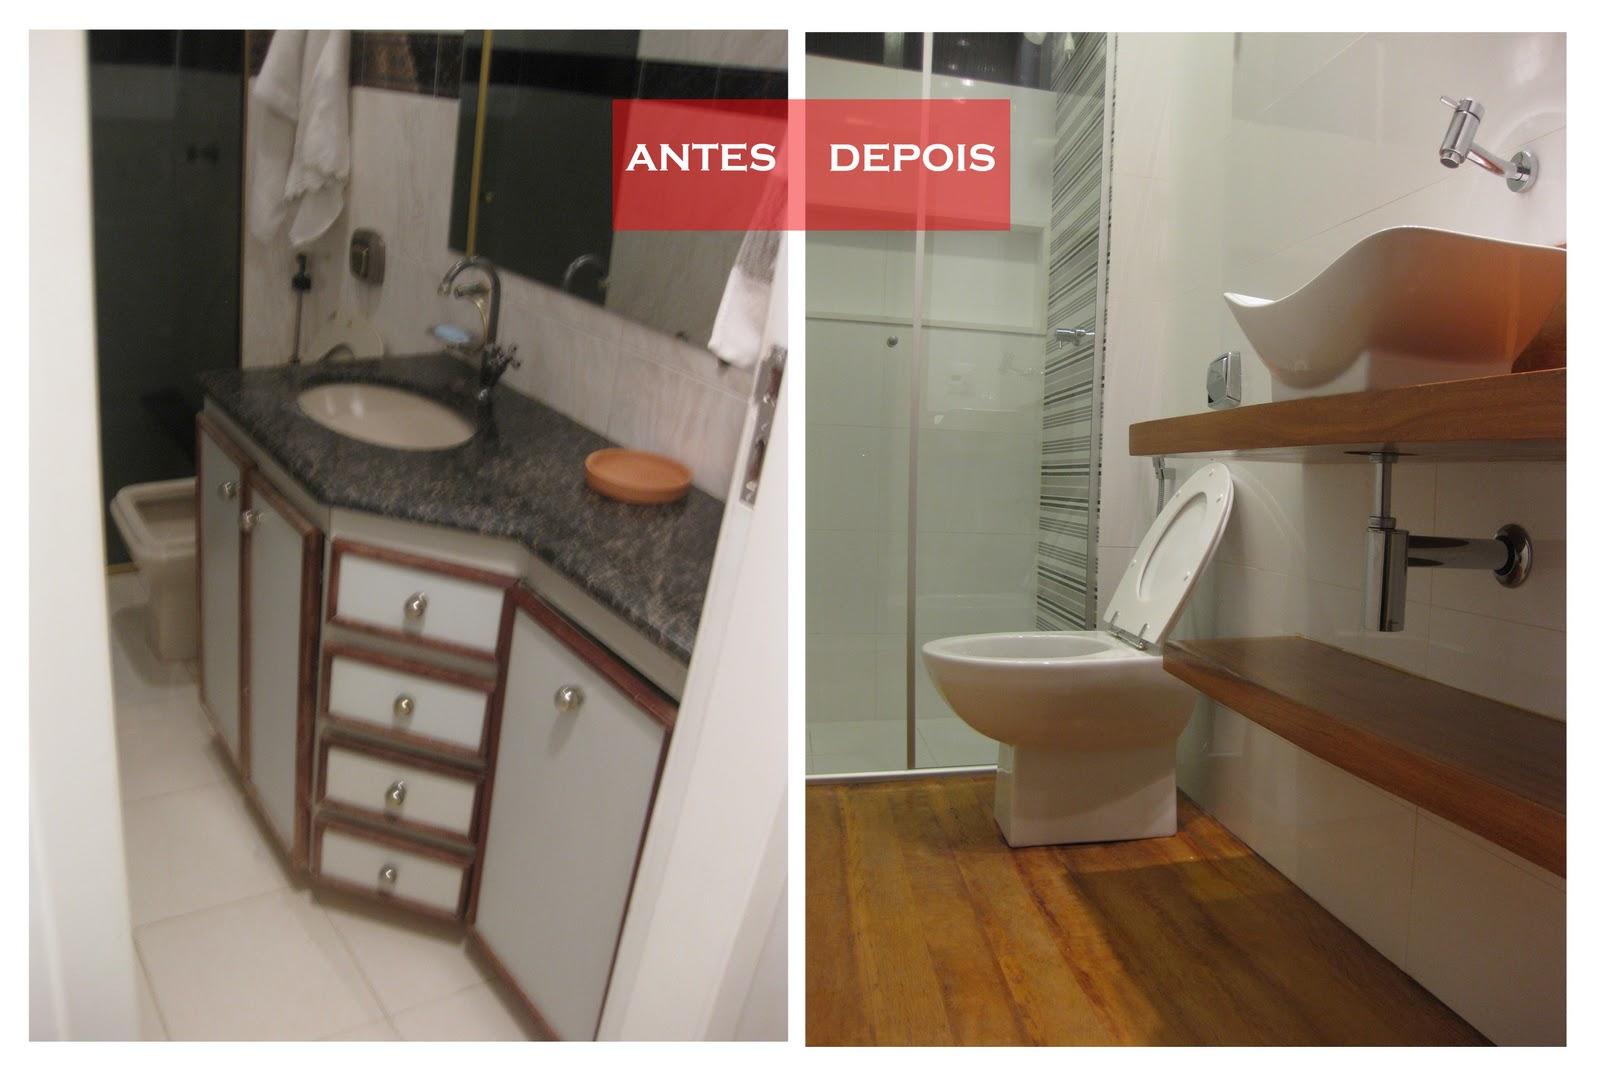 Reforma lá de casa: Antes e depois banheiro social #9E342D 1600x1073 Antes E Depois De Um Banheiro